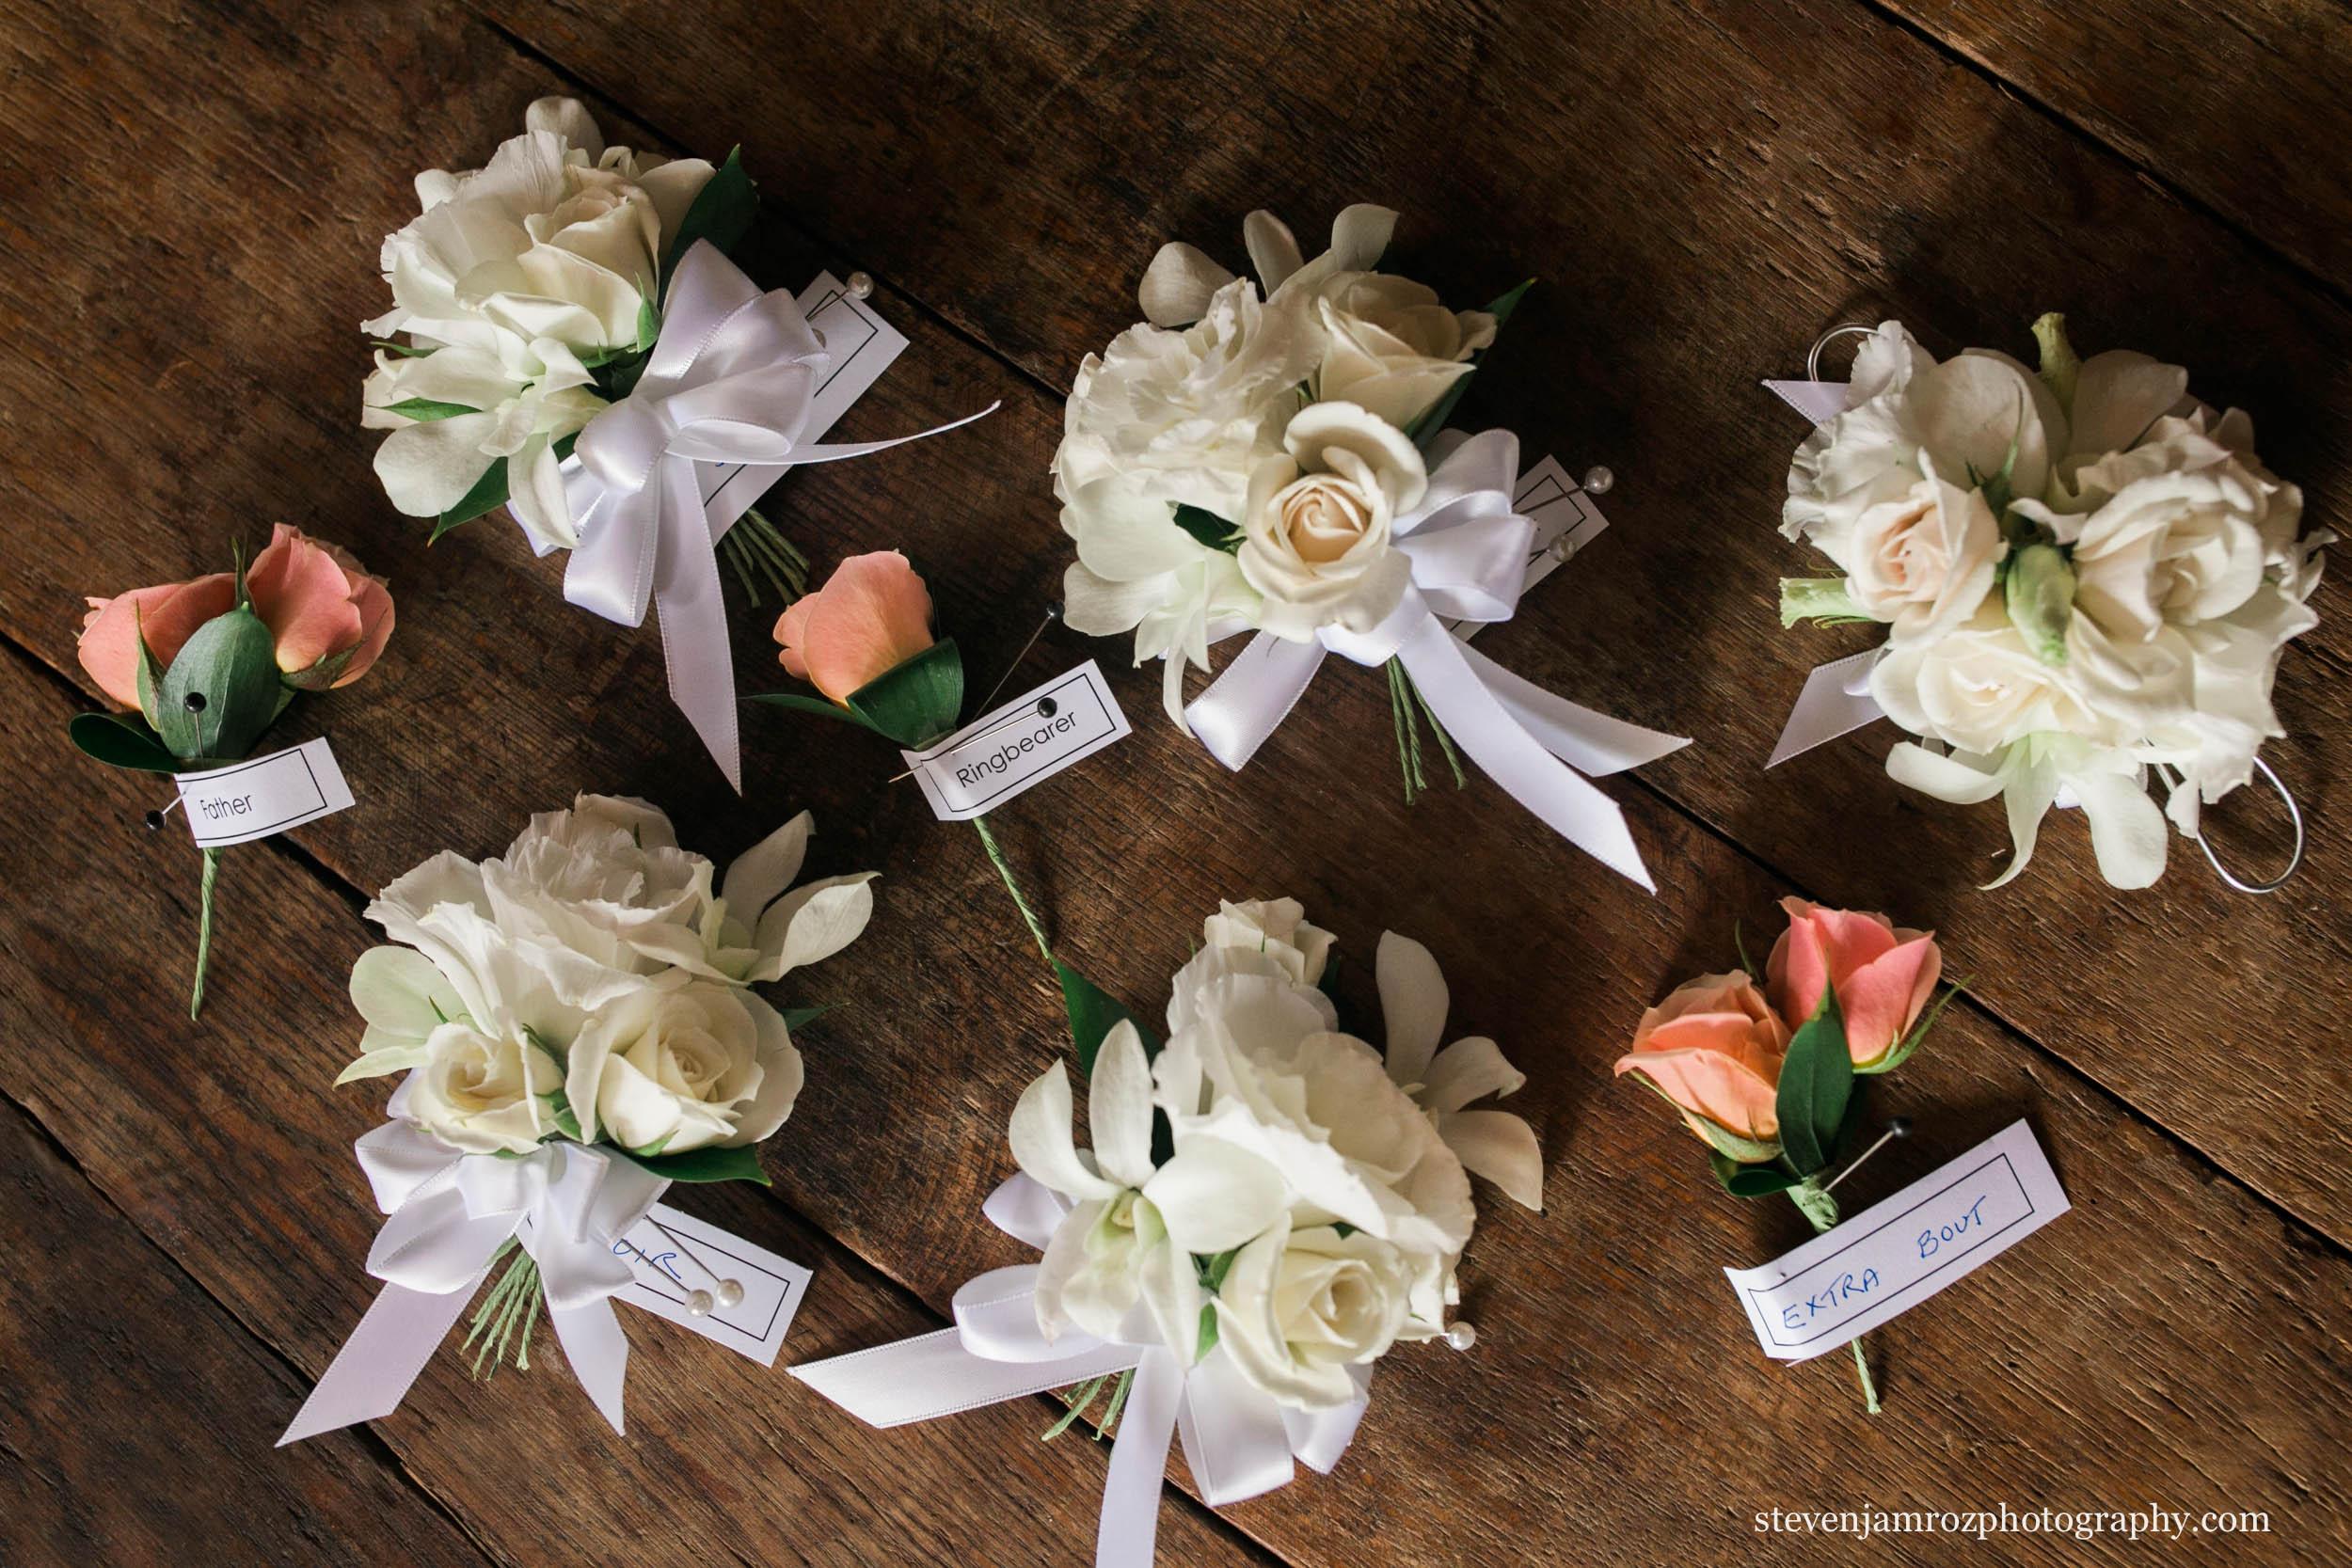 angus barn-wedding-flower-details-bouttoneers.jpg